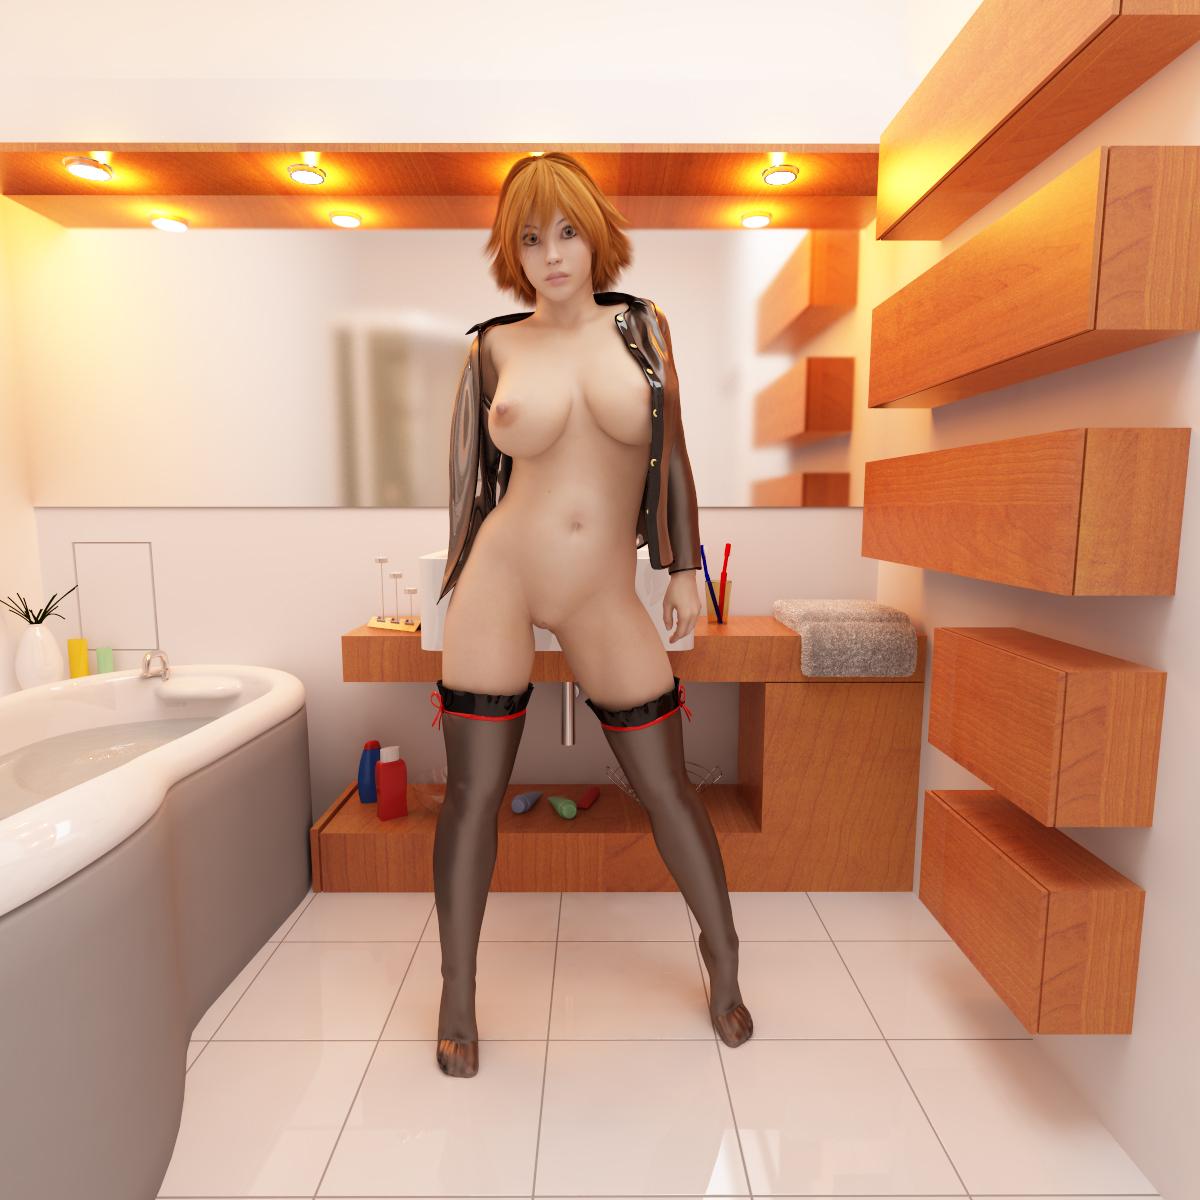 Forsaken world nude patch exploited scenes